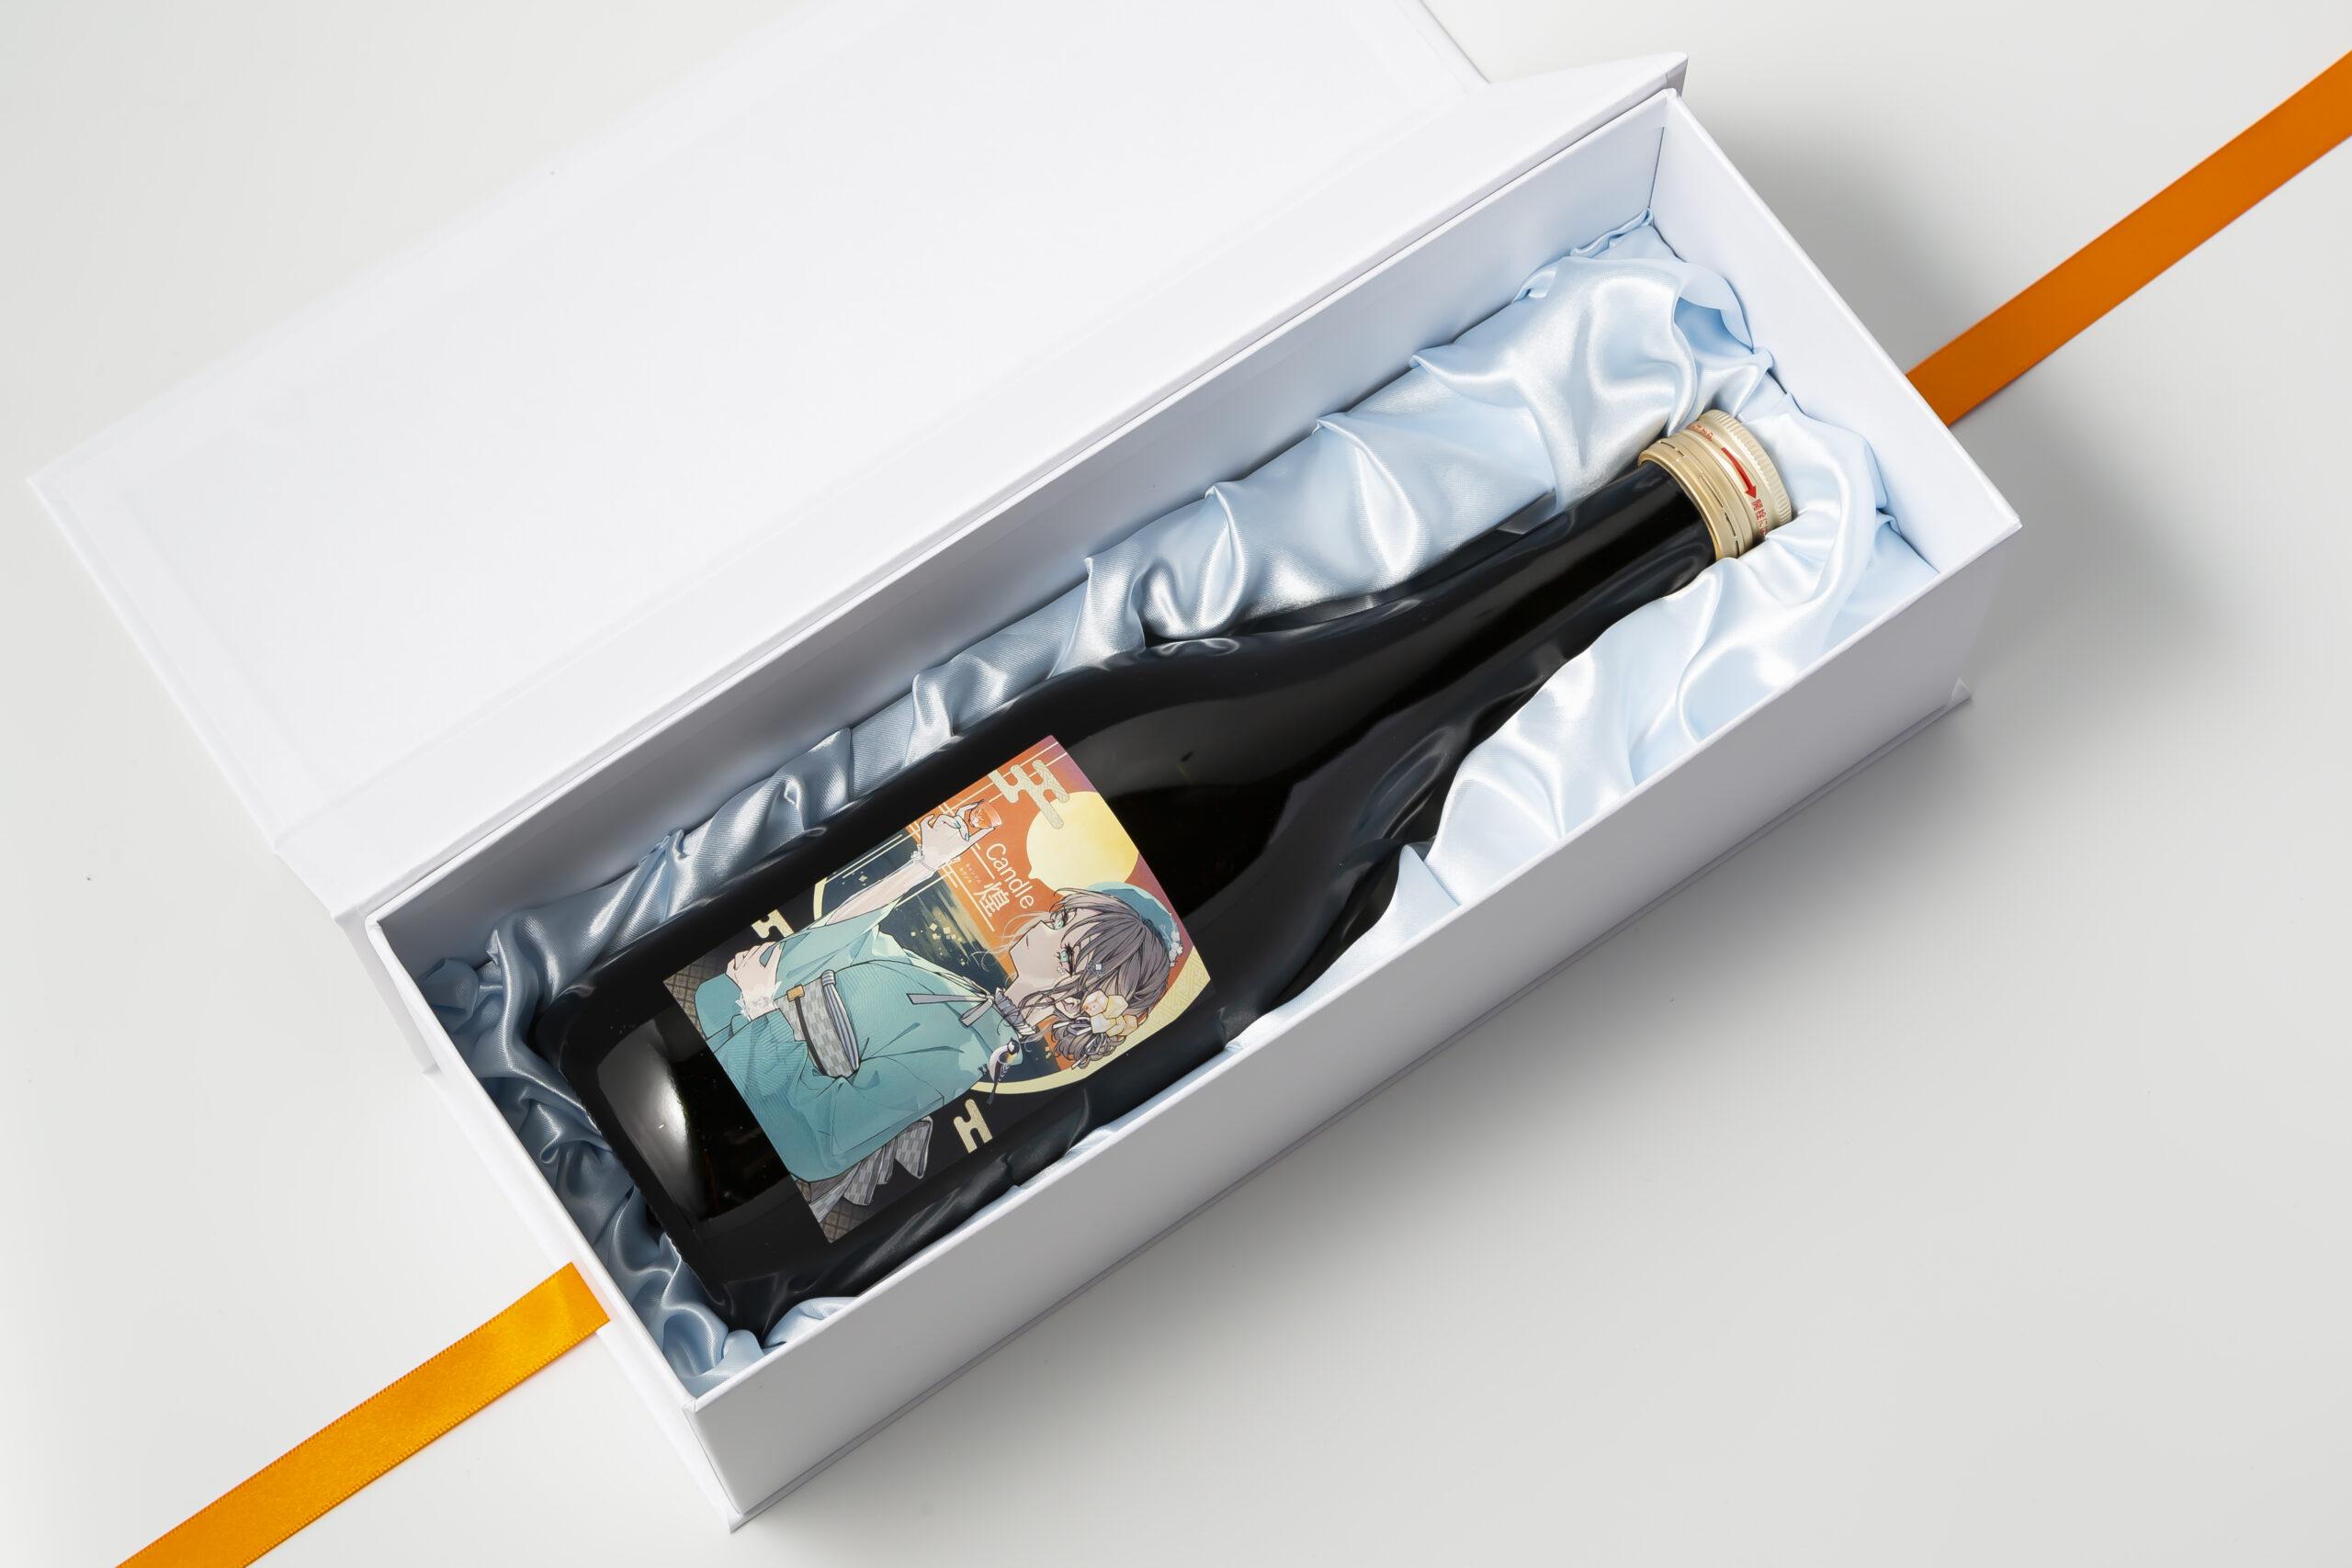 飯坂温泉×大人気イラストレーター赤倉×老舗鋳物メーカー能作がコラボ!新デザイン日本酒とコラボタンブラーを発売。東京駅での限定ポップアップストアも開催決定!